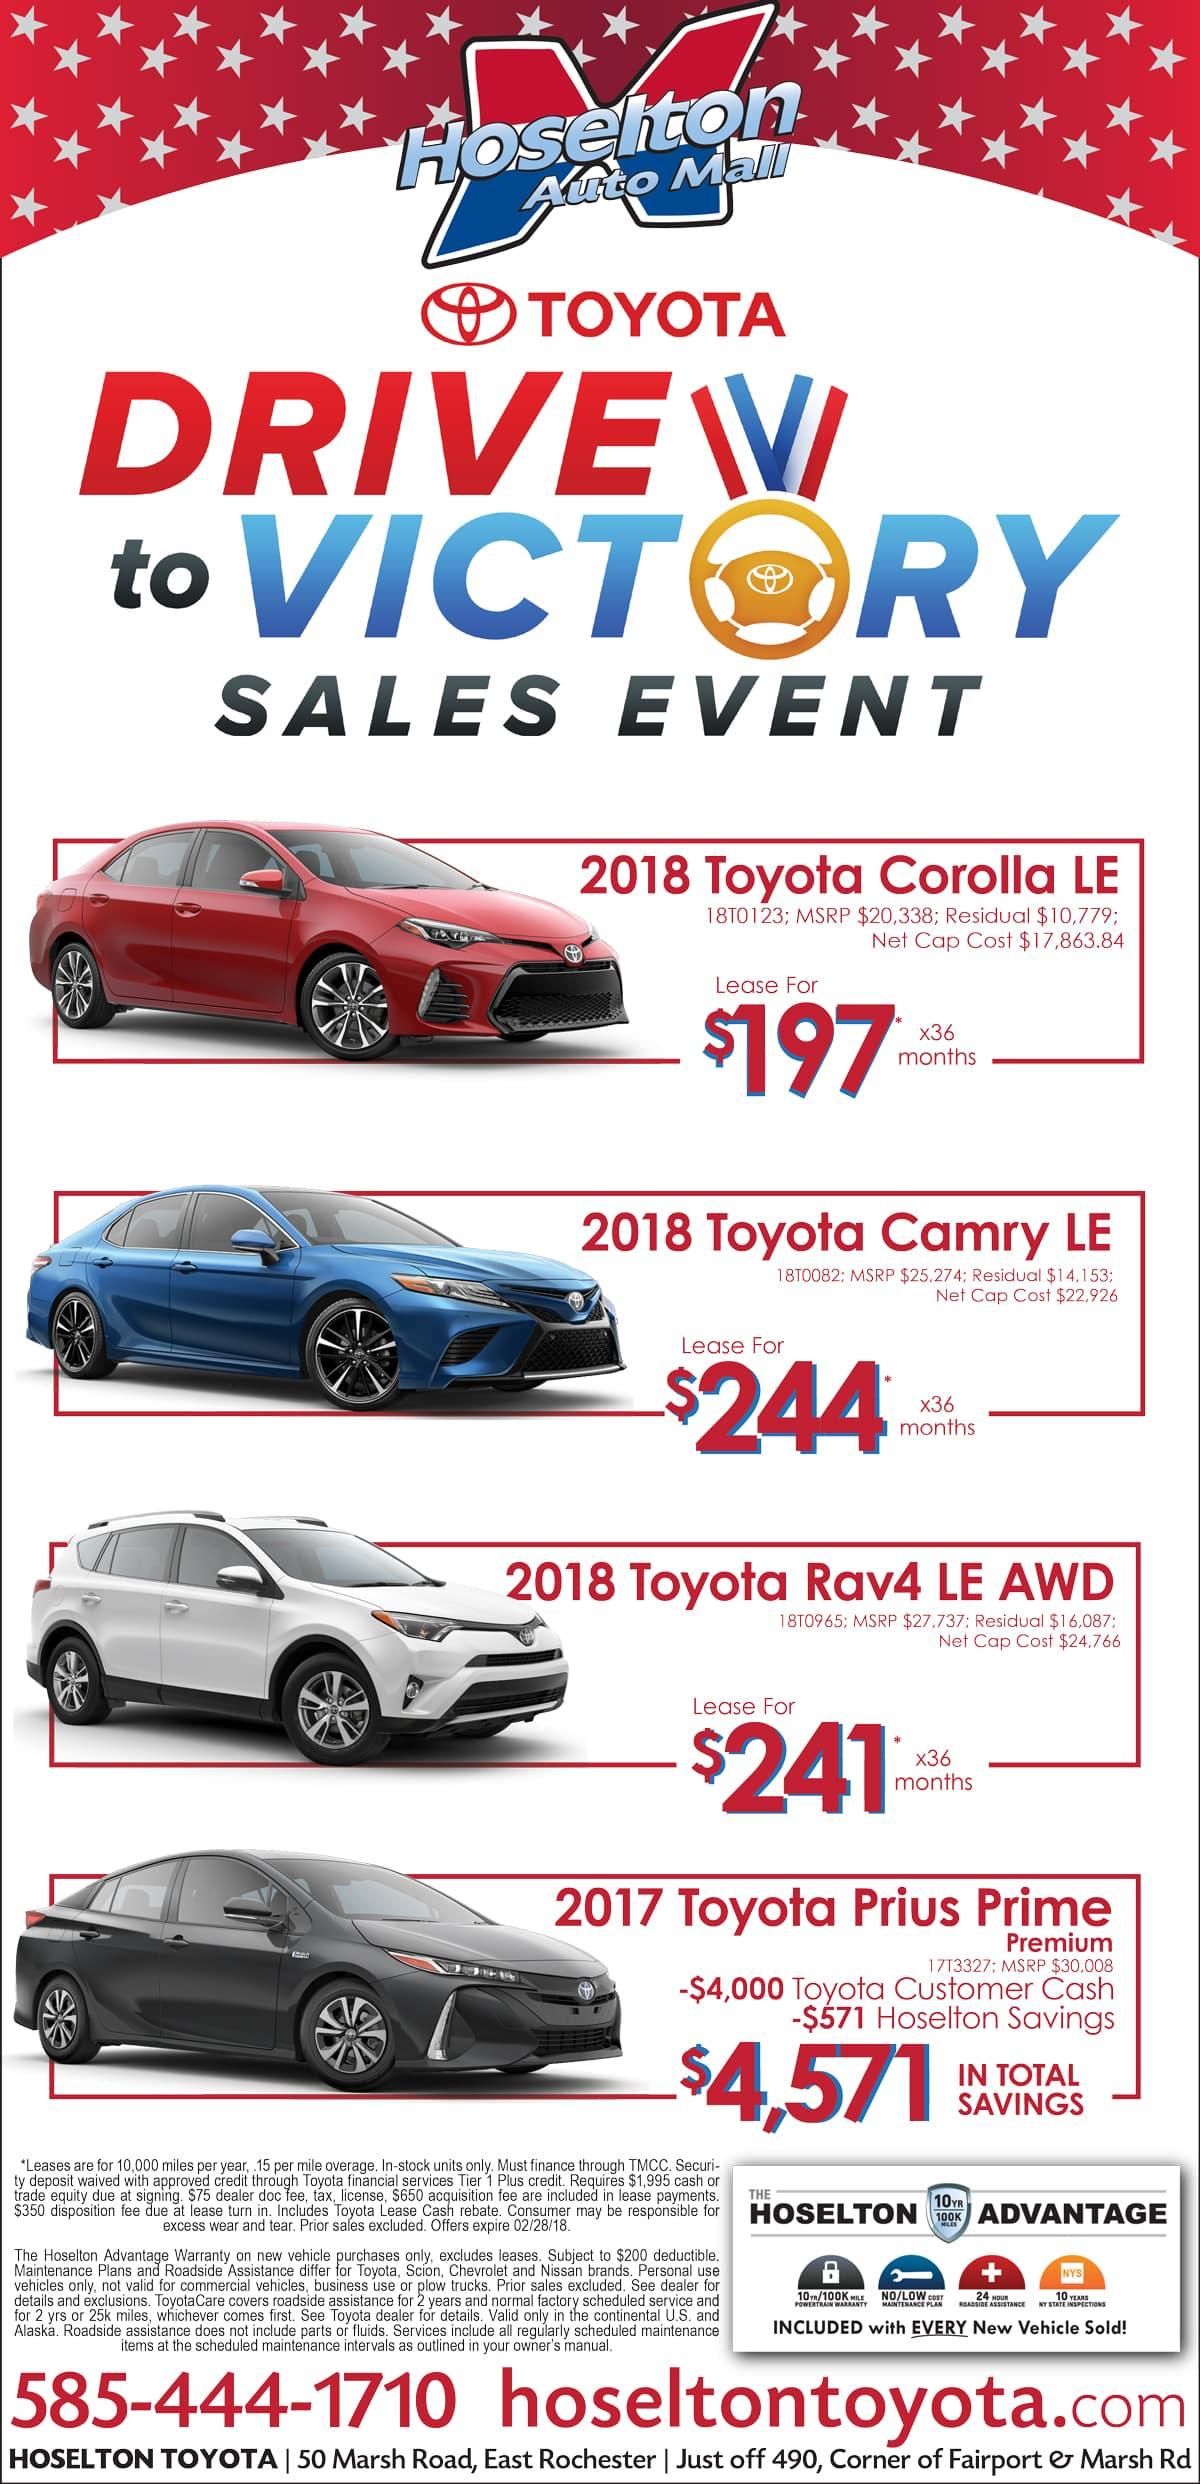 February offer from Hoselton Toyota